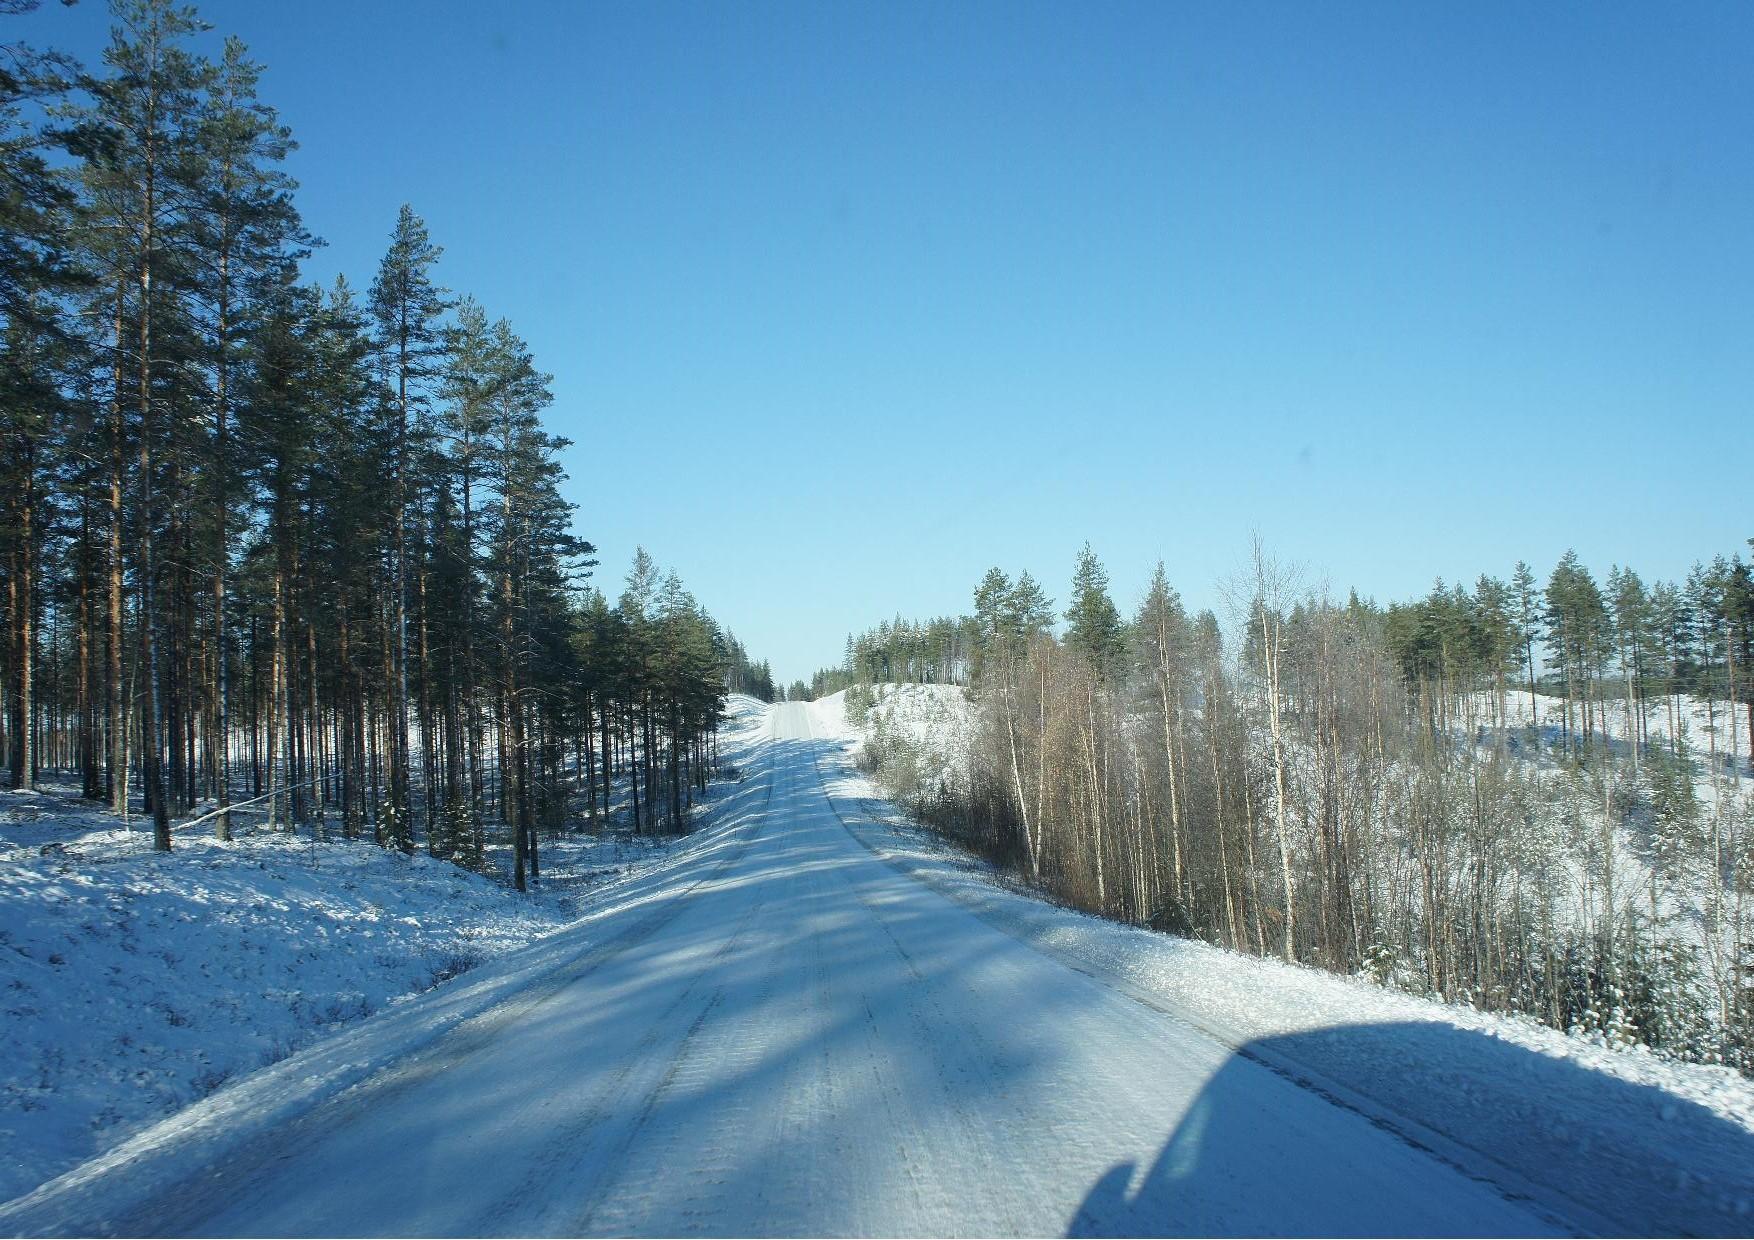 Rukajärven tie Nurmijärvelle saavuttaessa